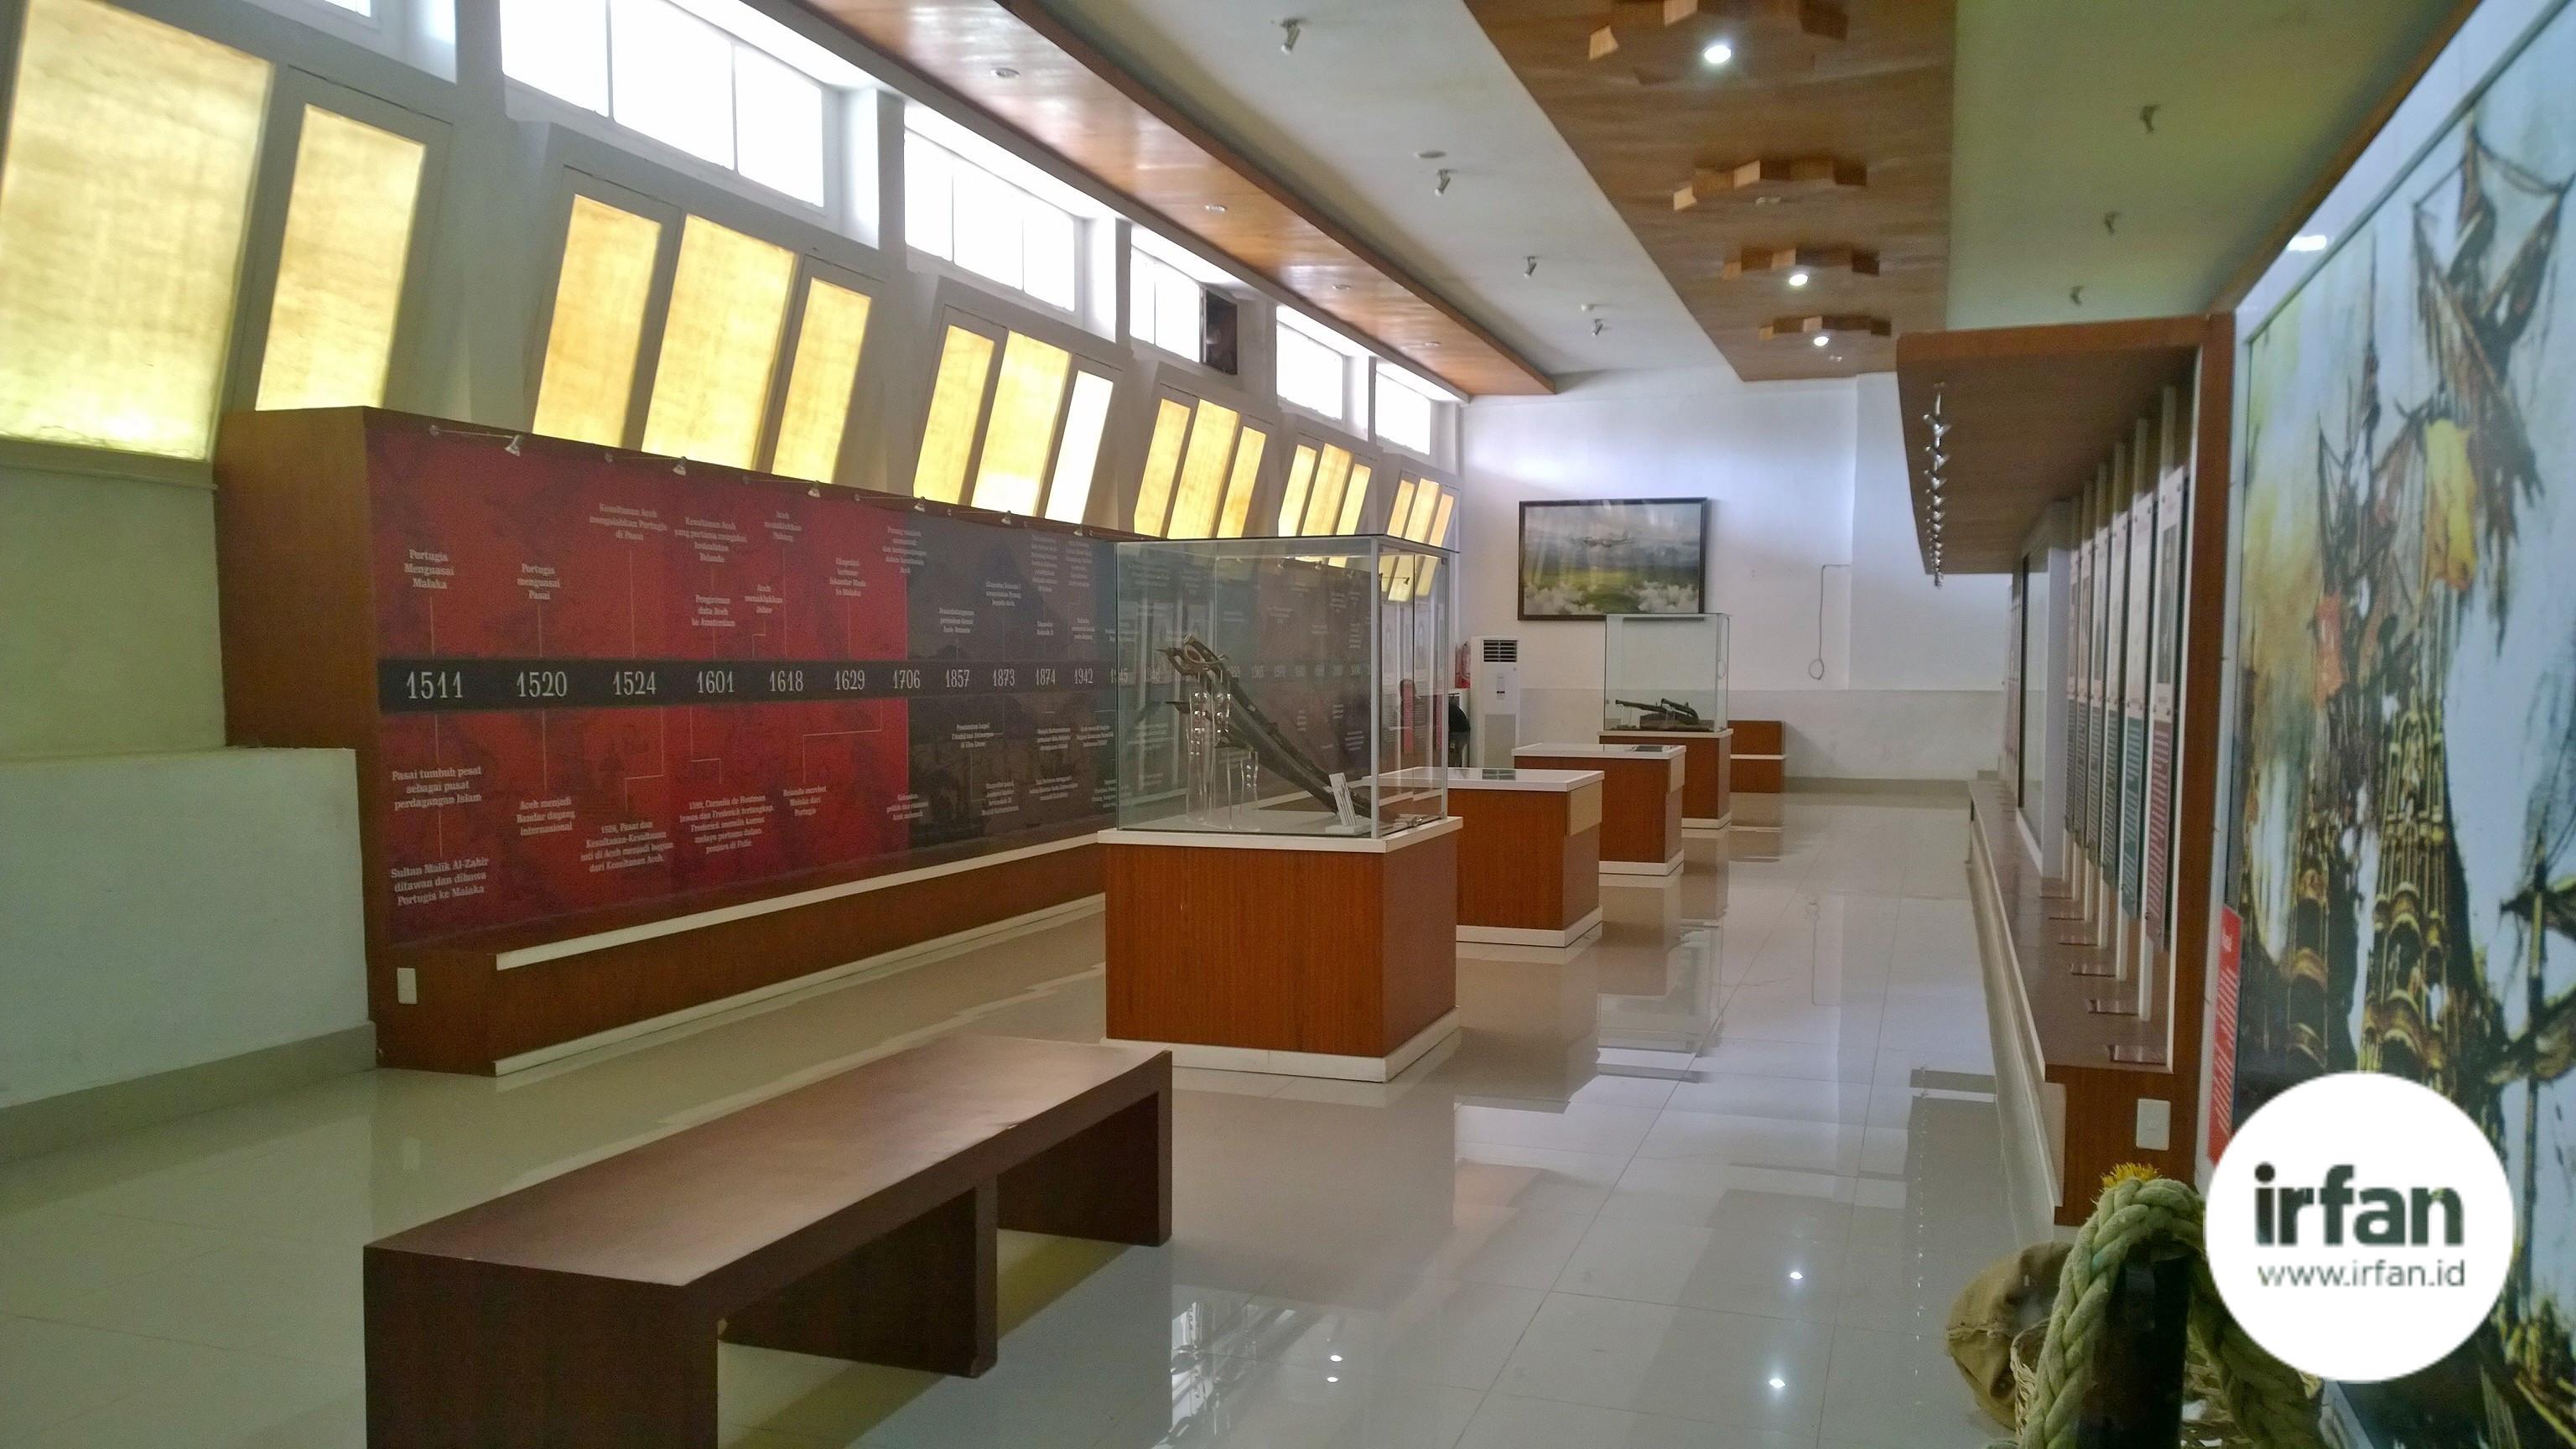 FOTO: Museum Negeri Aceh, Wisata Sejarah Yang Wajib Dikunjungi 14